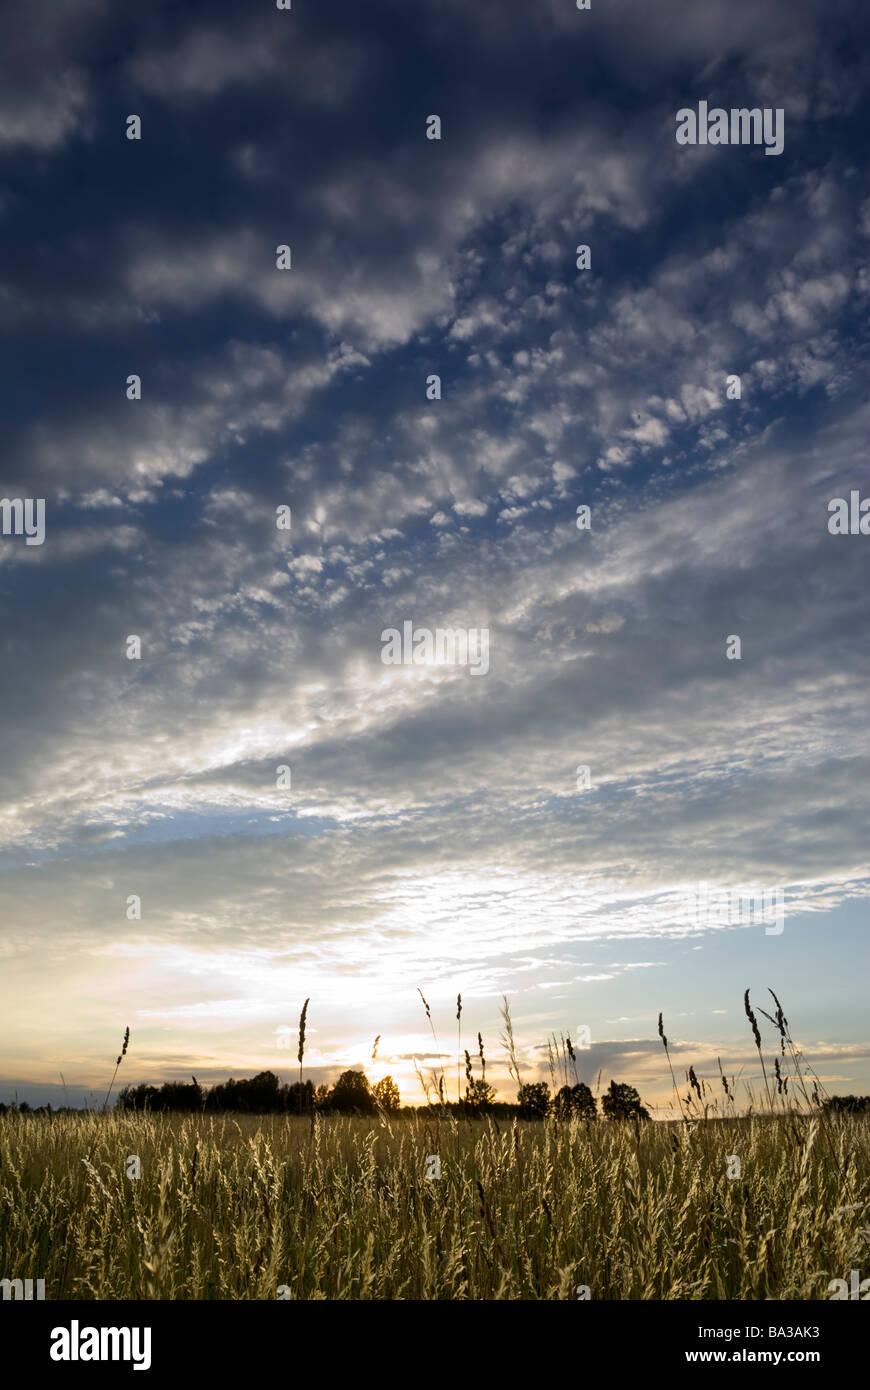 Soleil sur les herbes folles aRGB Photo Stock